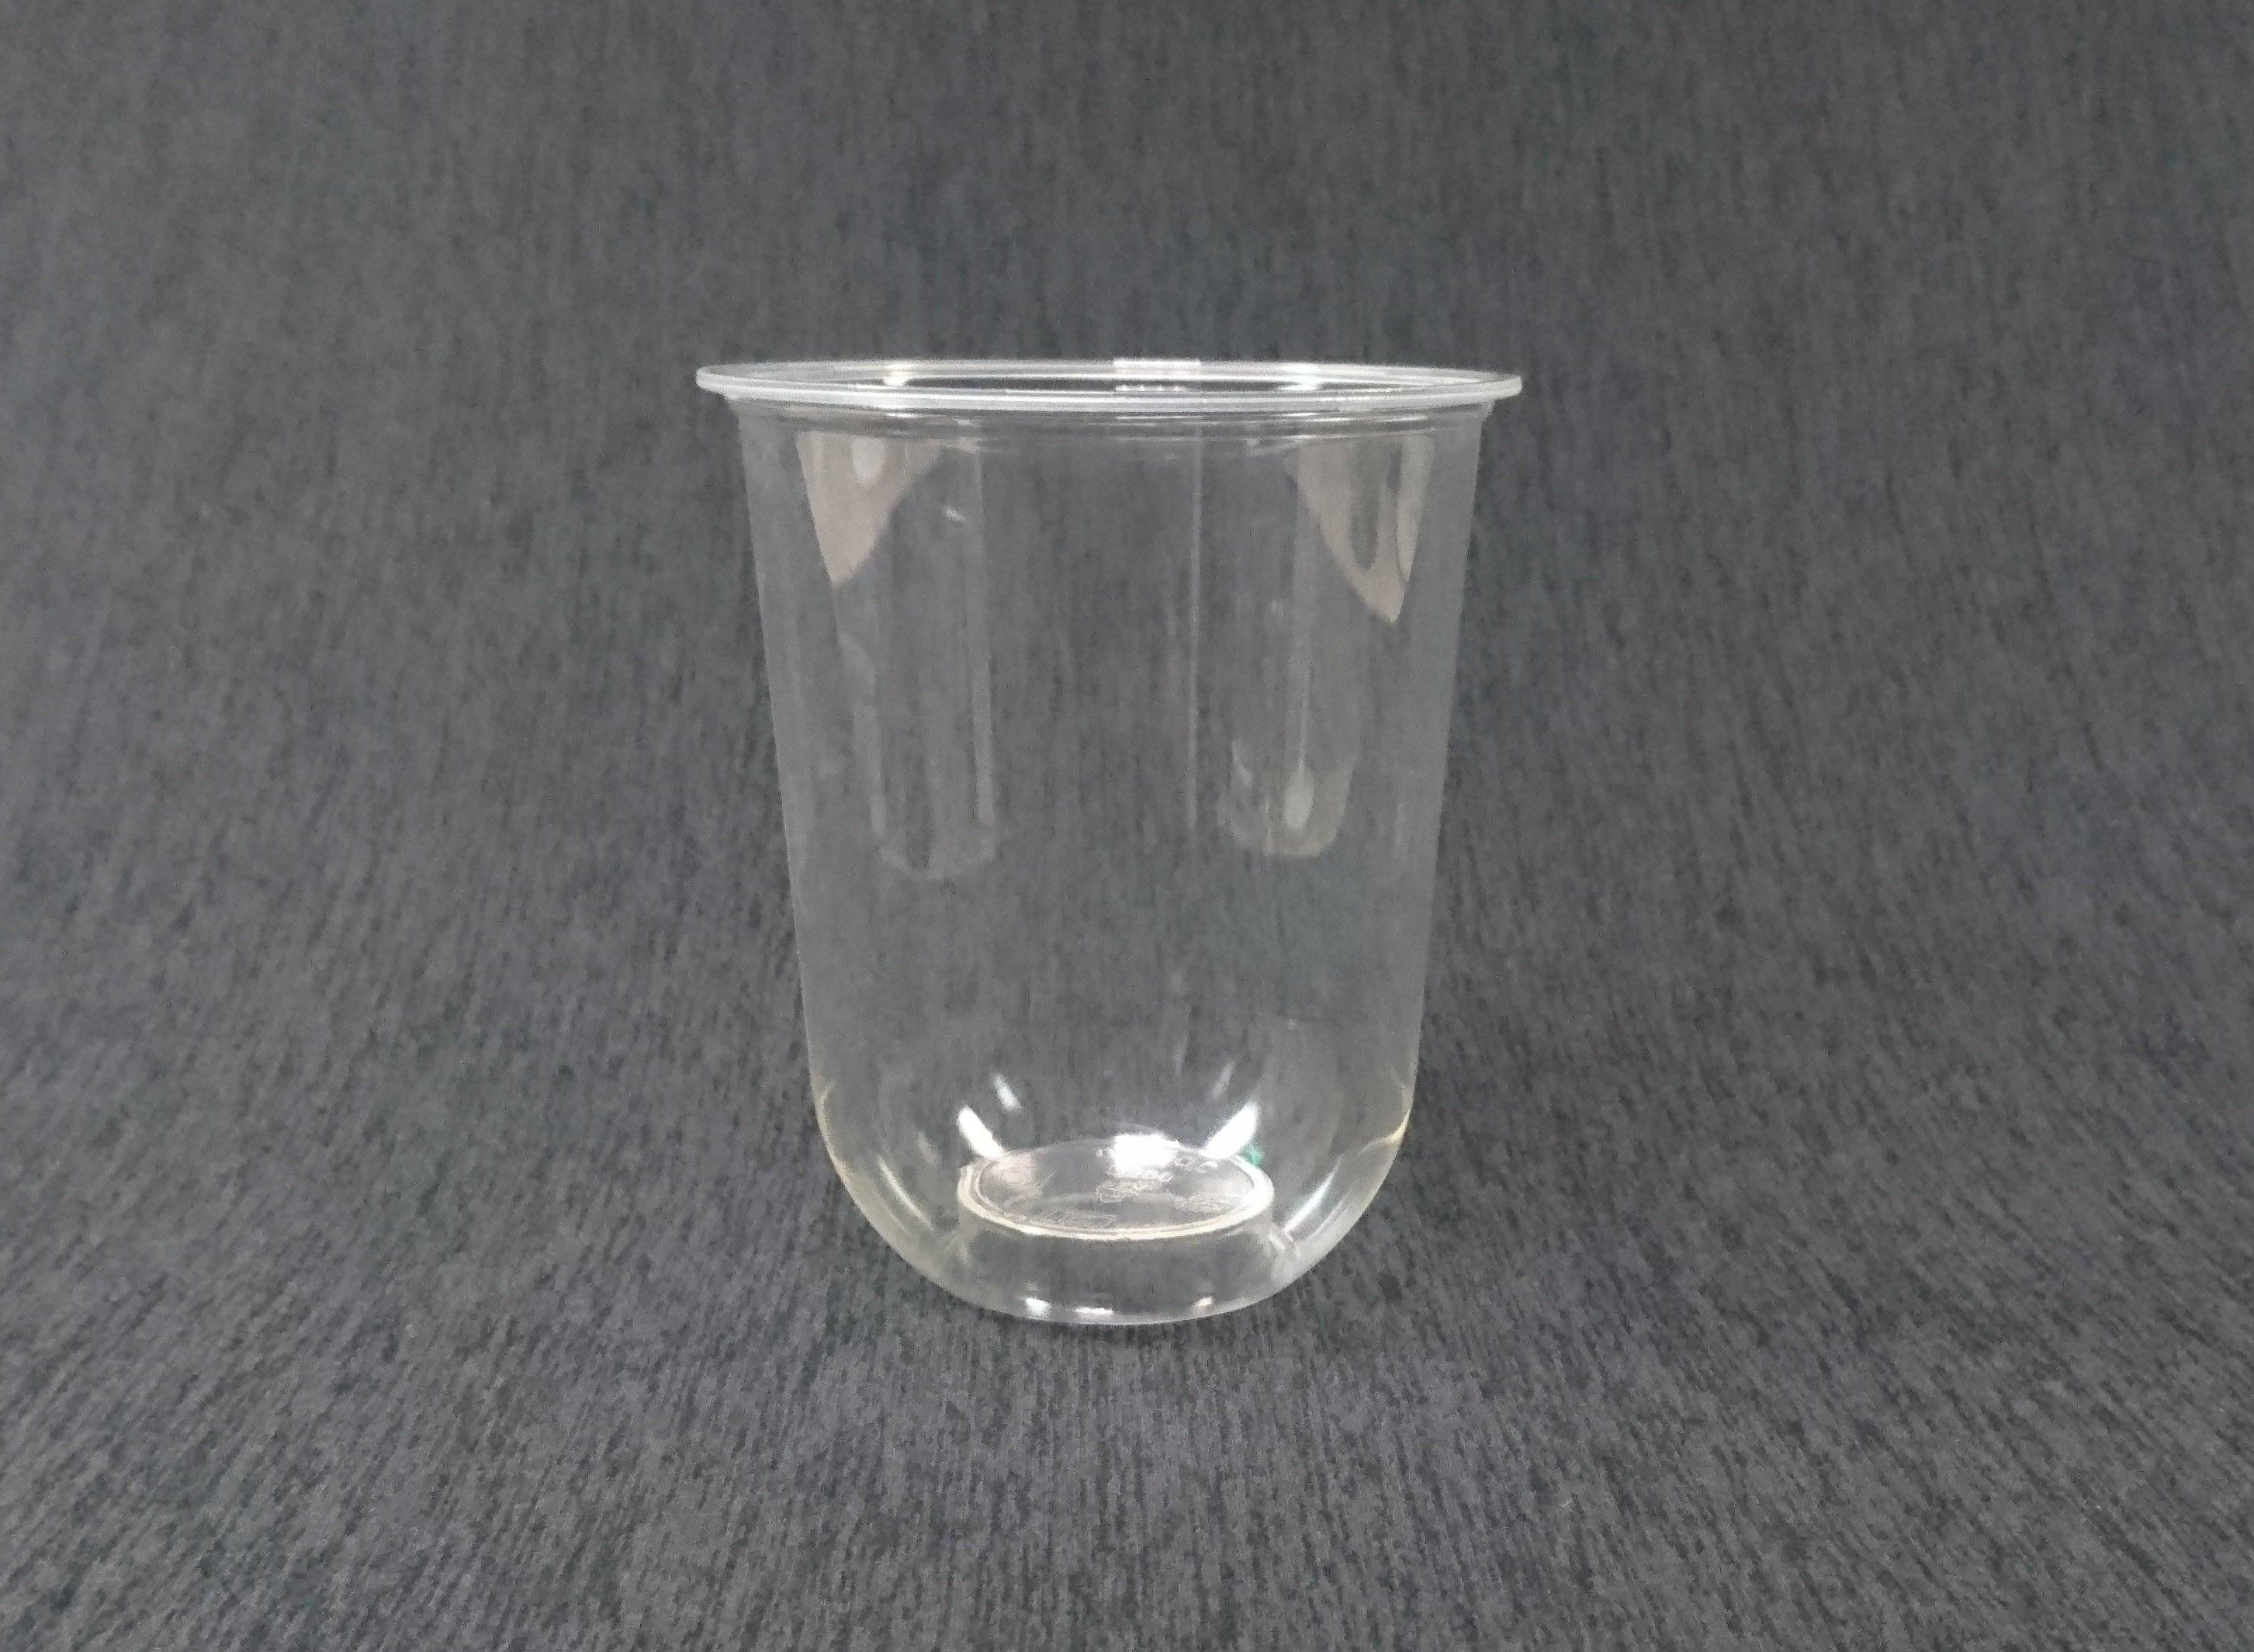 100個 外銷歐美熱賣款【PP Q500 捲邊冷飲杯】U形杯 透明杯 塑膠杯 平面杯 啤酒杯 冰砂杯 冷熱杯